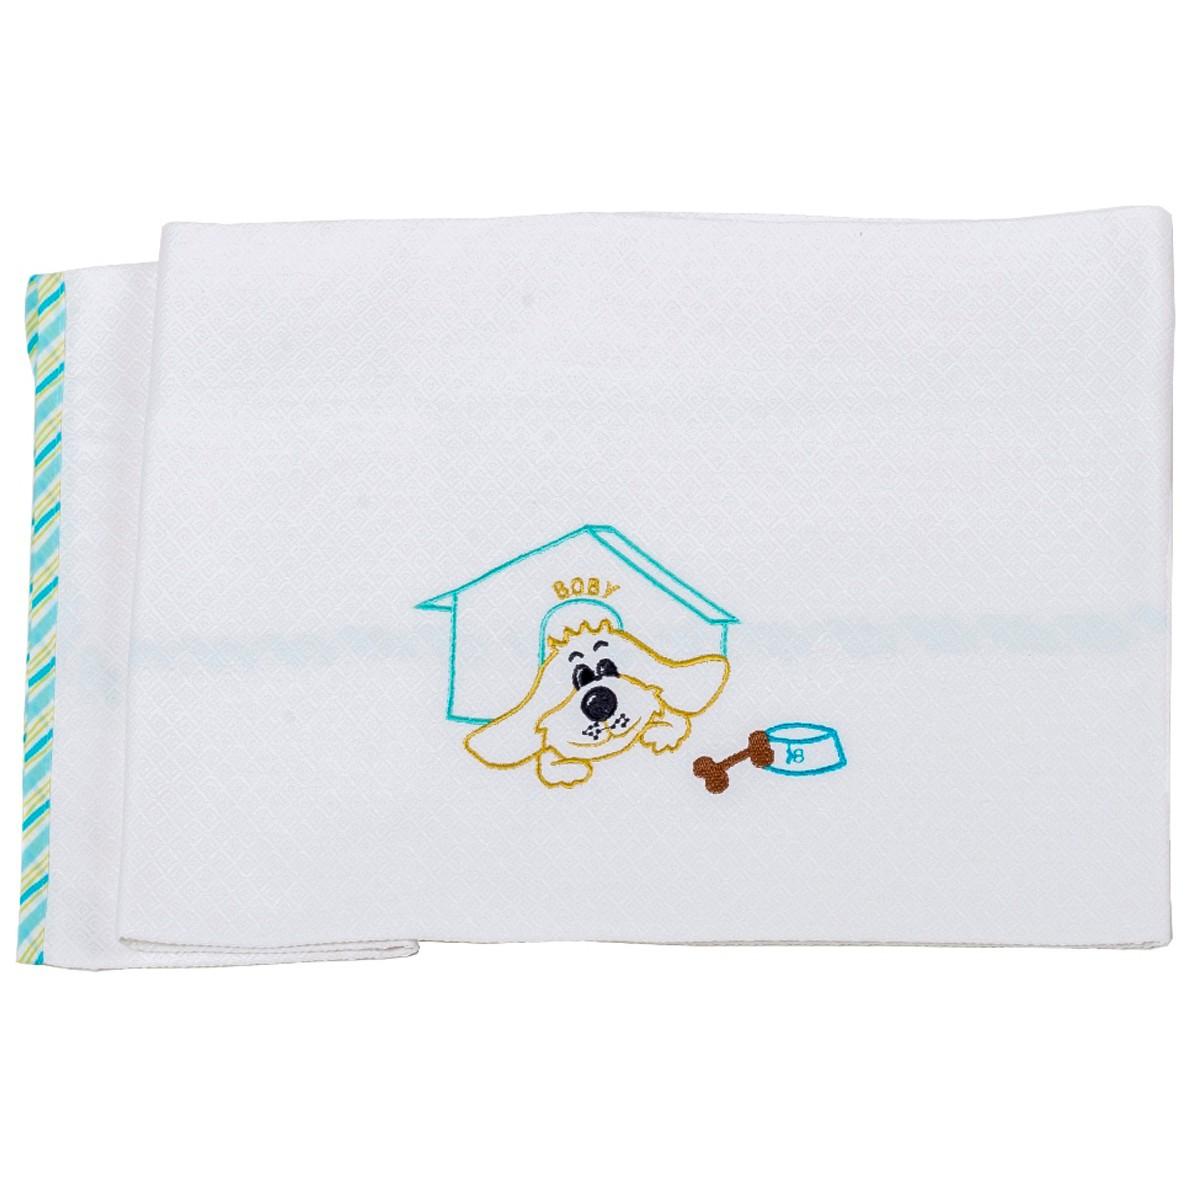 Κουβέρτα Πικέ Αγκαλιάς Κόσμος Του Μωρού Boby 0302 Τυρκουάζ 74495